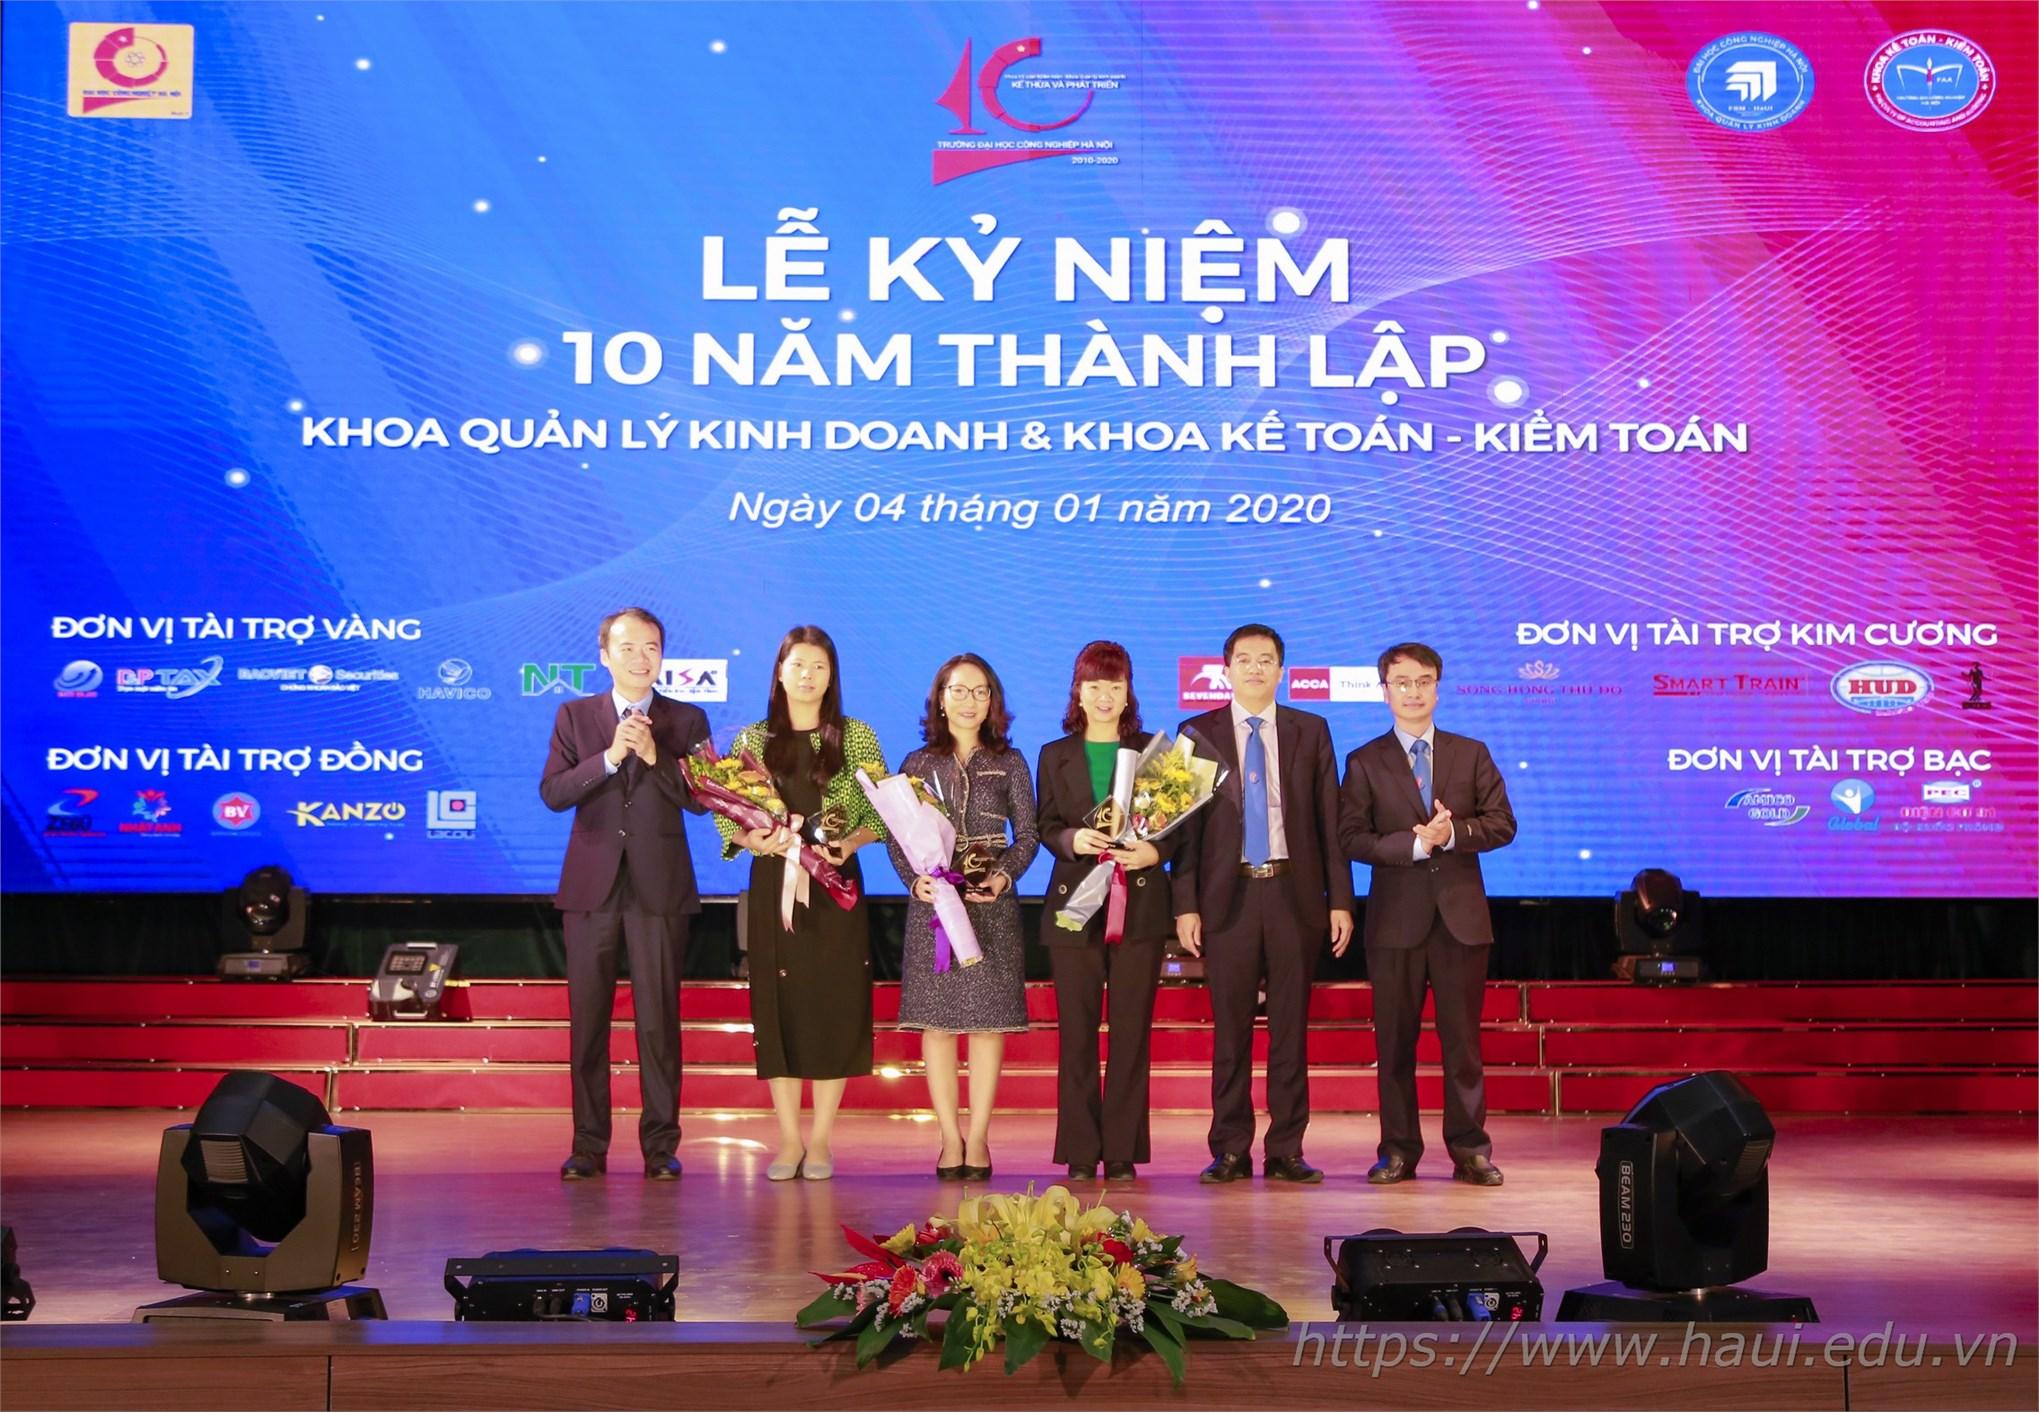 Kỷ niệm 10 năm thành lập khoa Quản lý Kinh doanh và khoa Kế toán - Kiểm toán